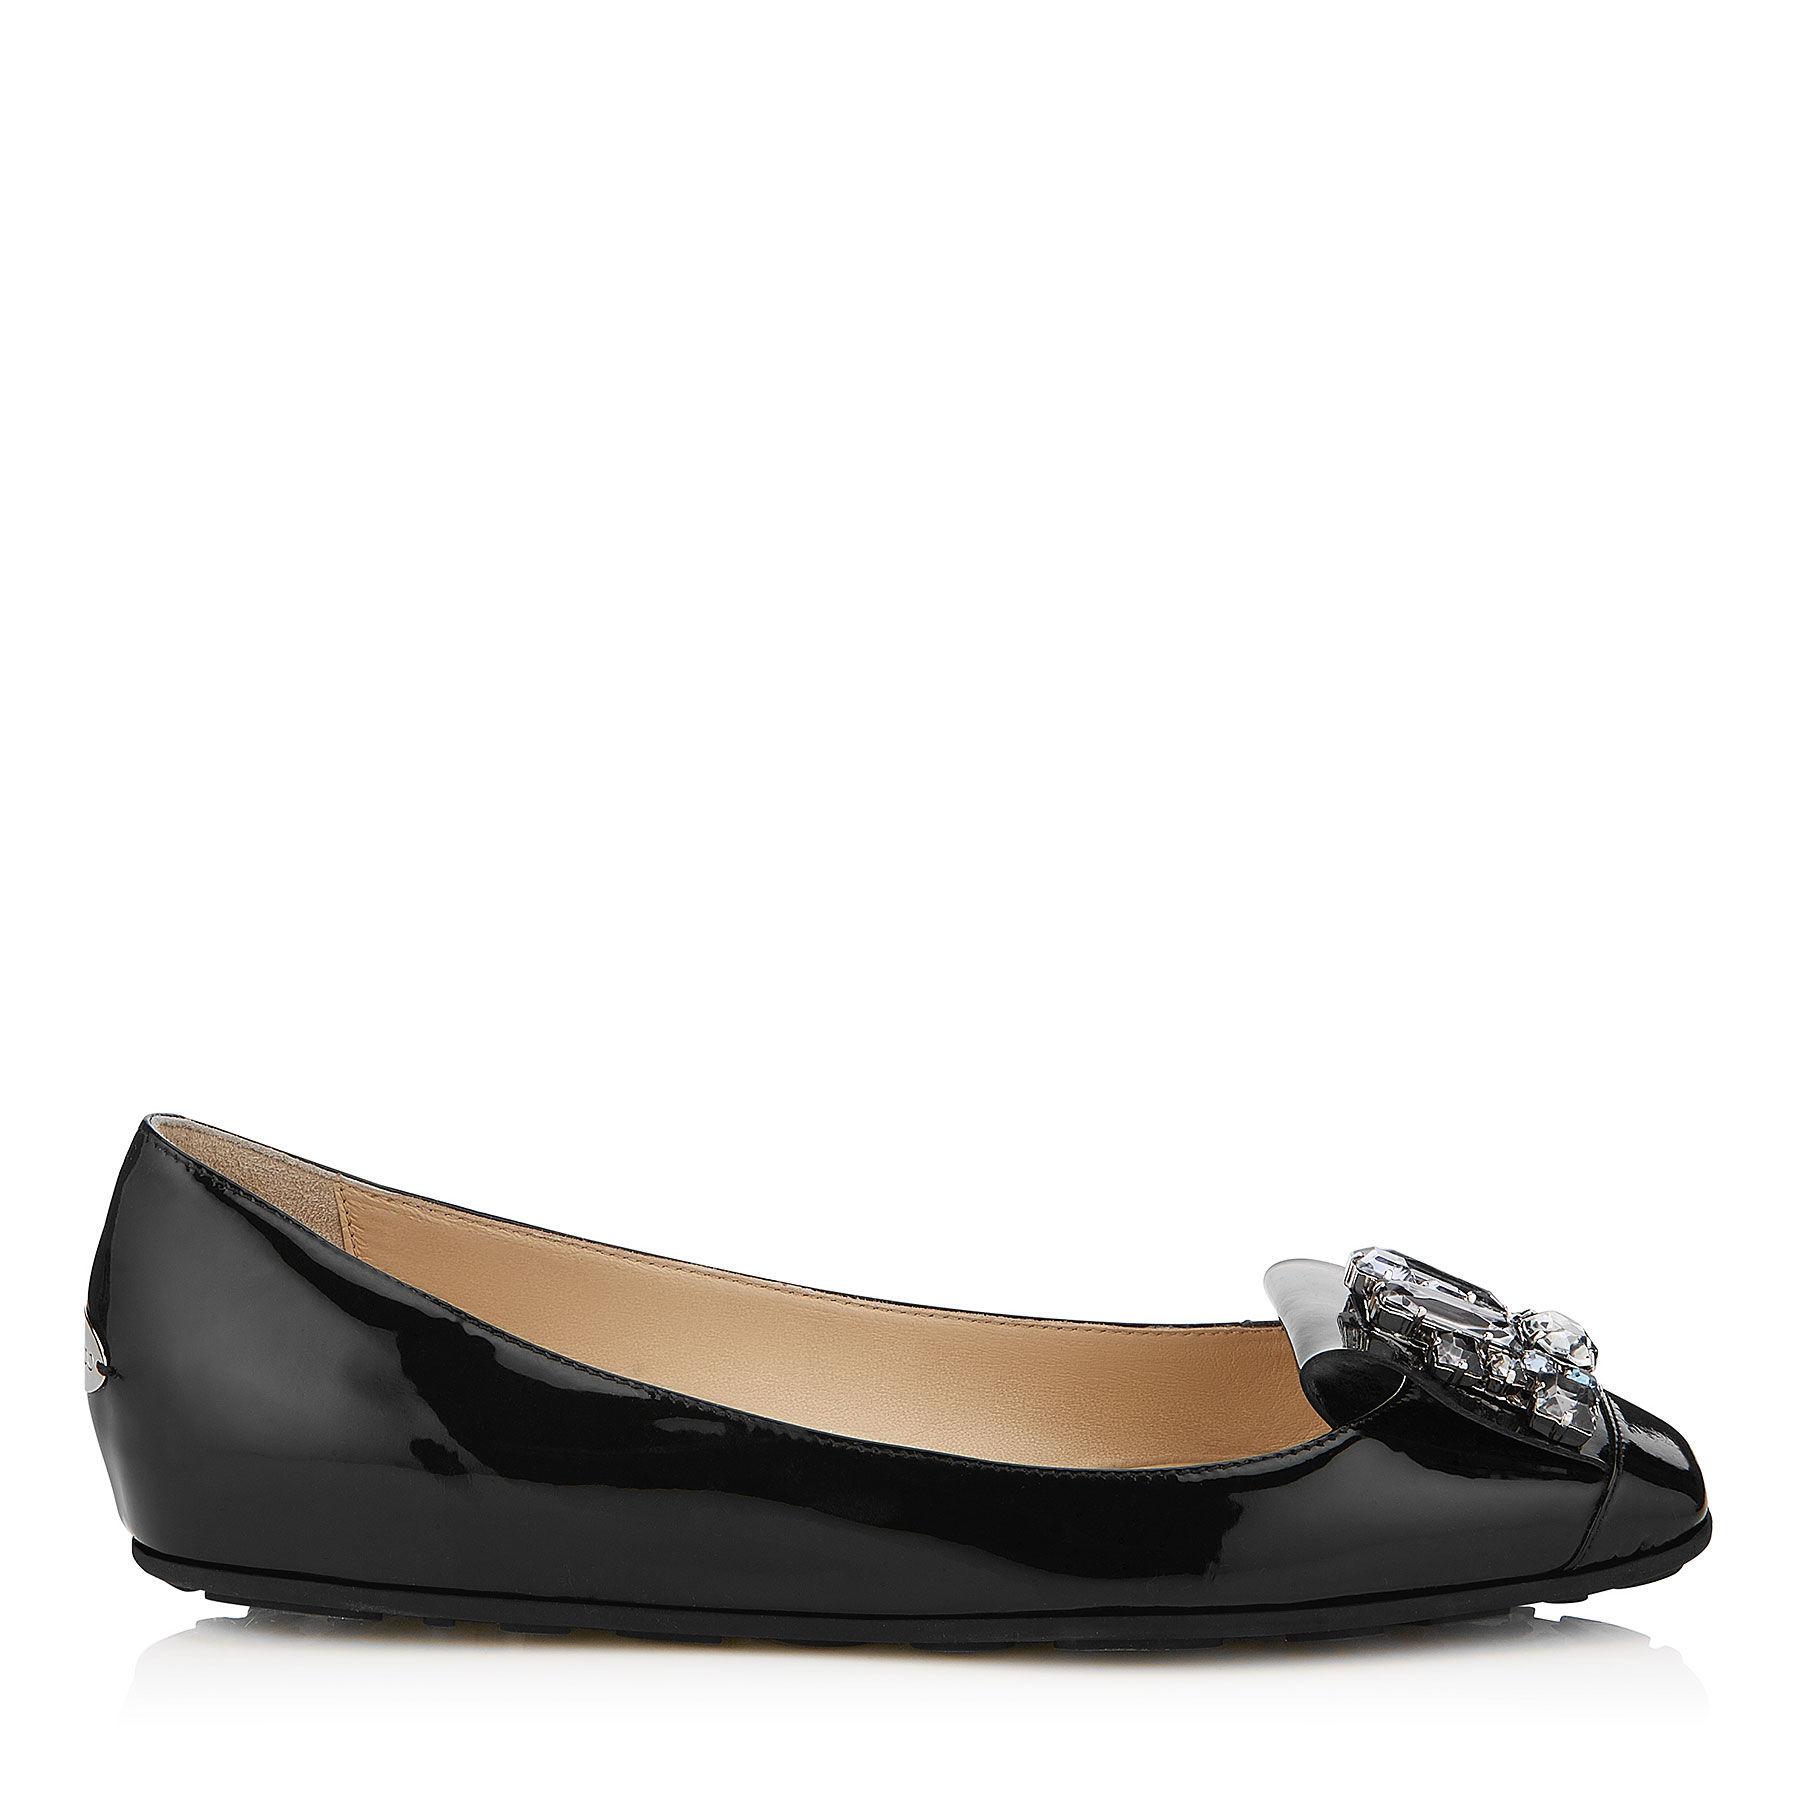 履きやすくてオシャレな、黒いバレエシューズ持ってますか?のサムネイル画像